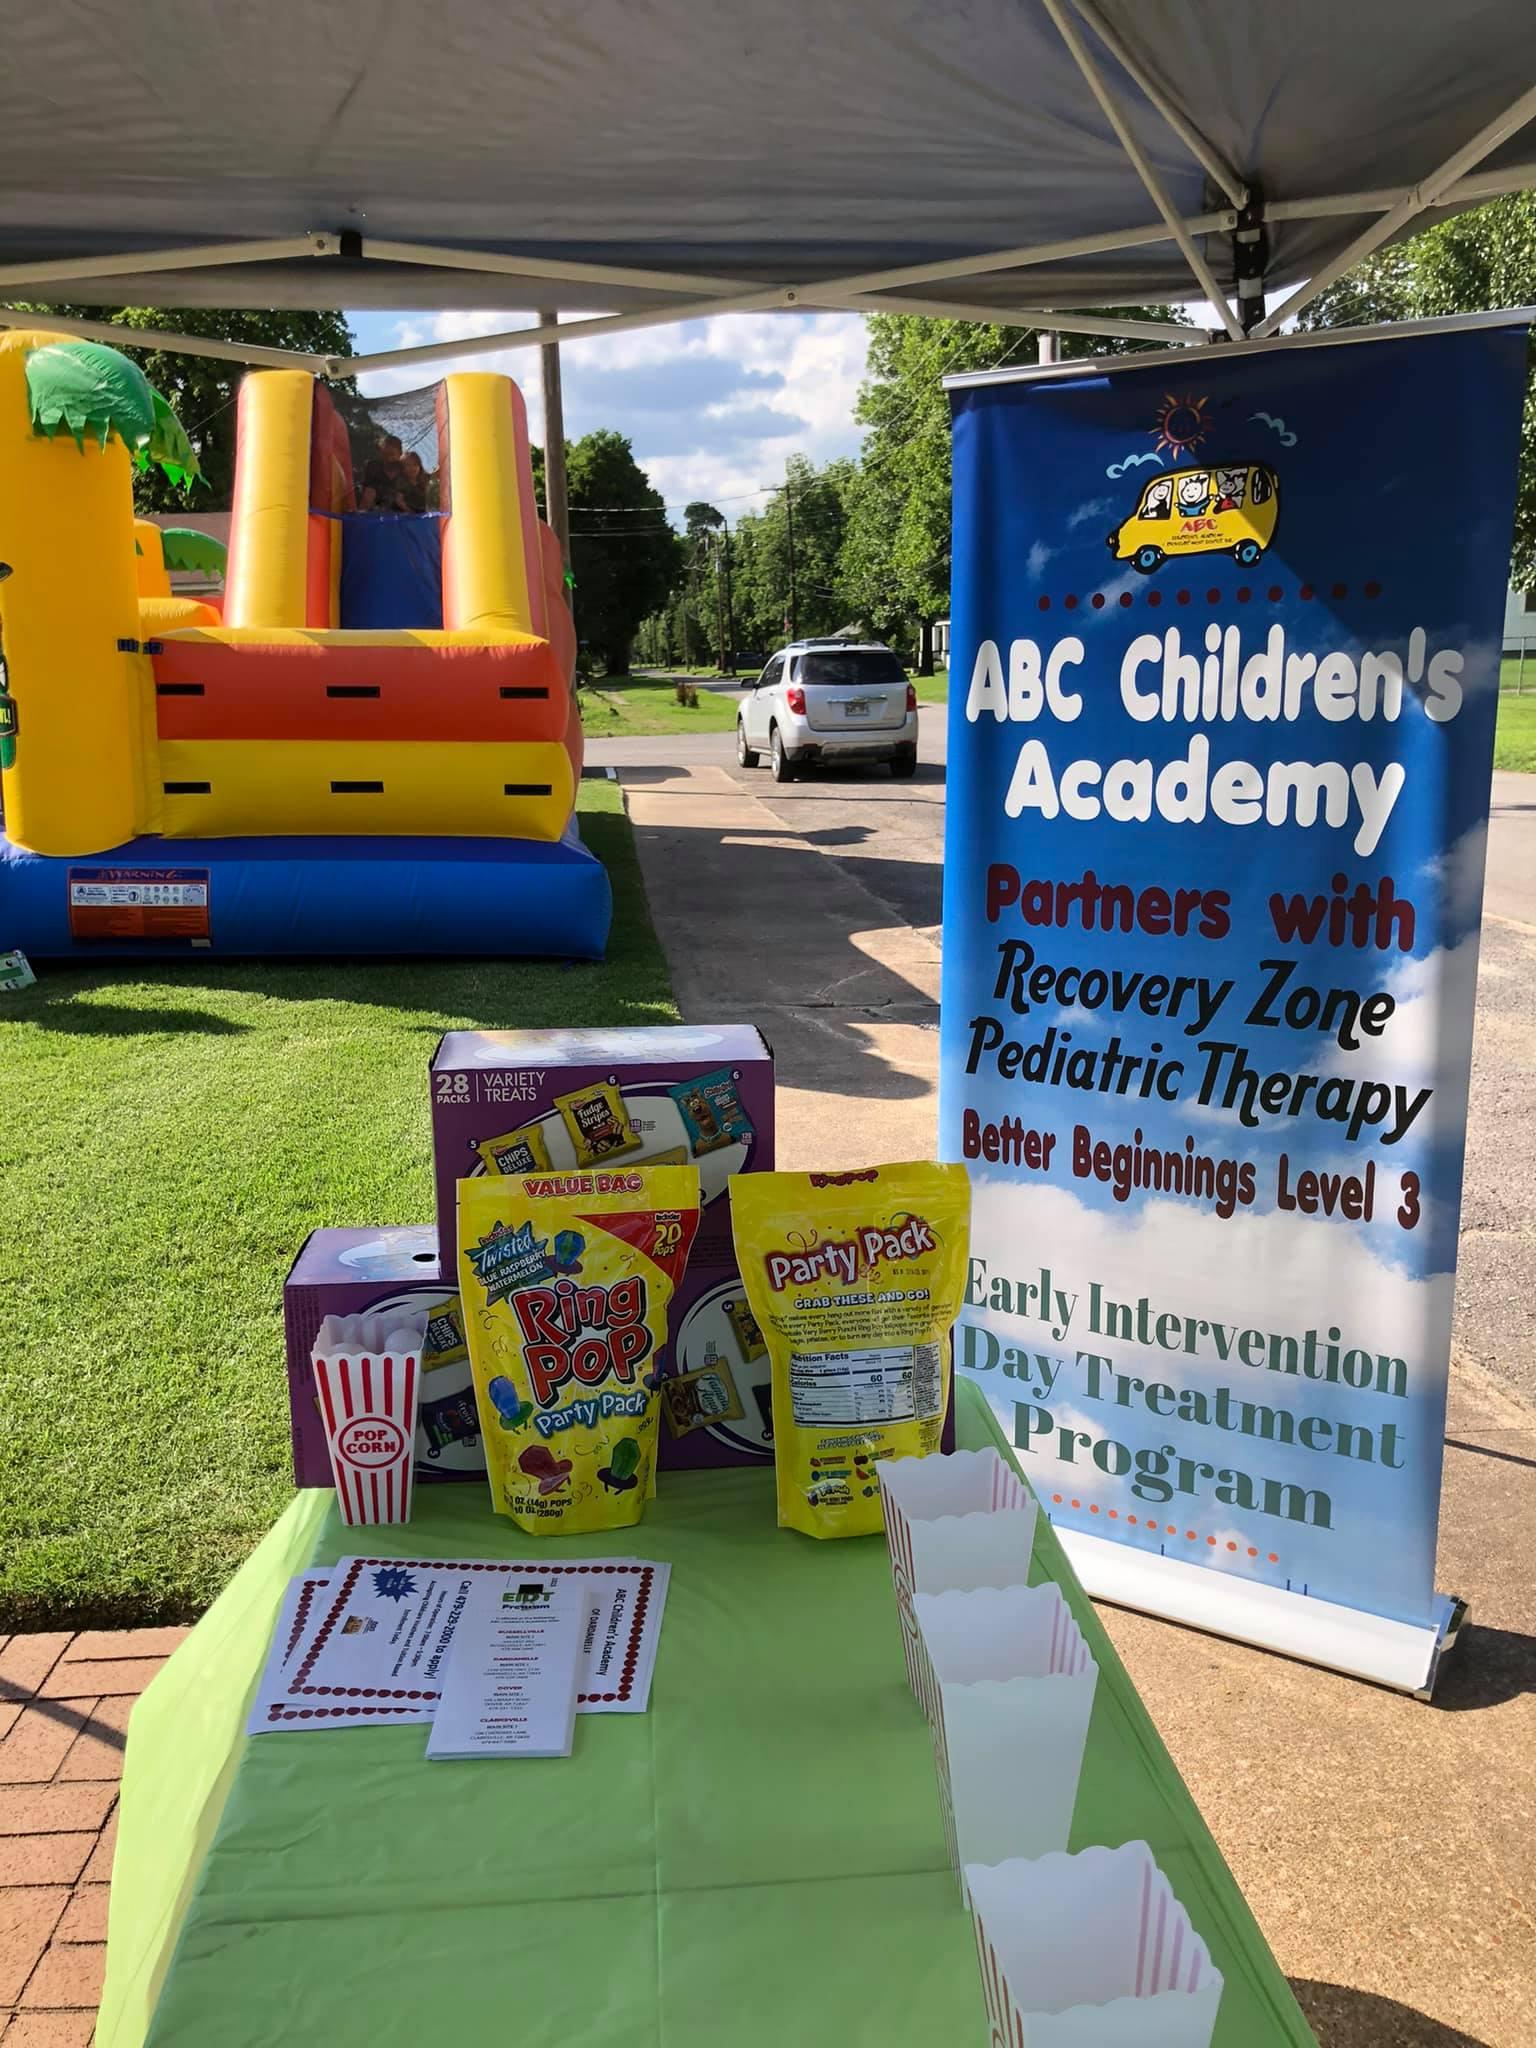 ABC Children's Academy